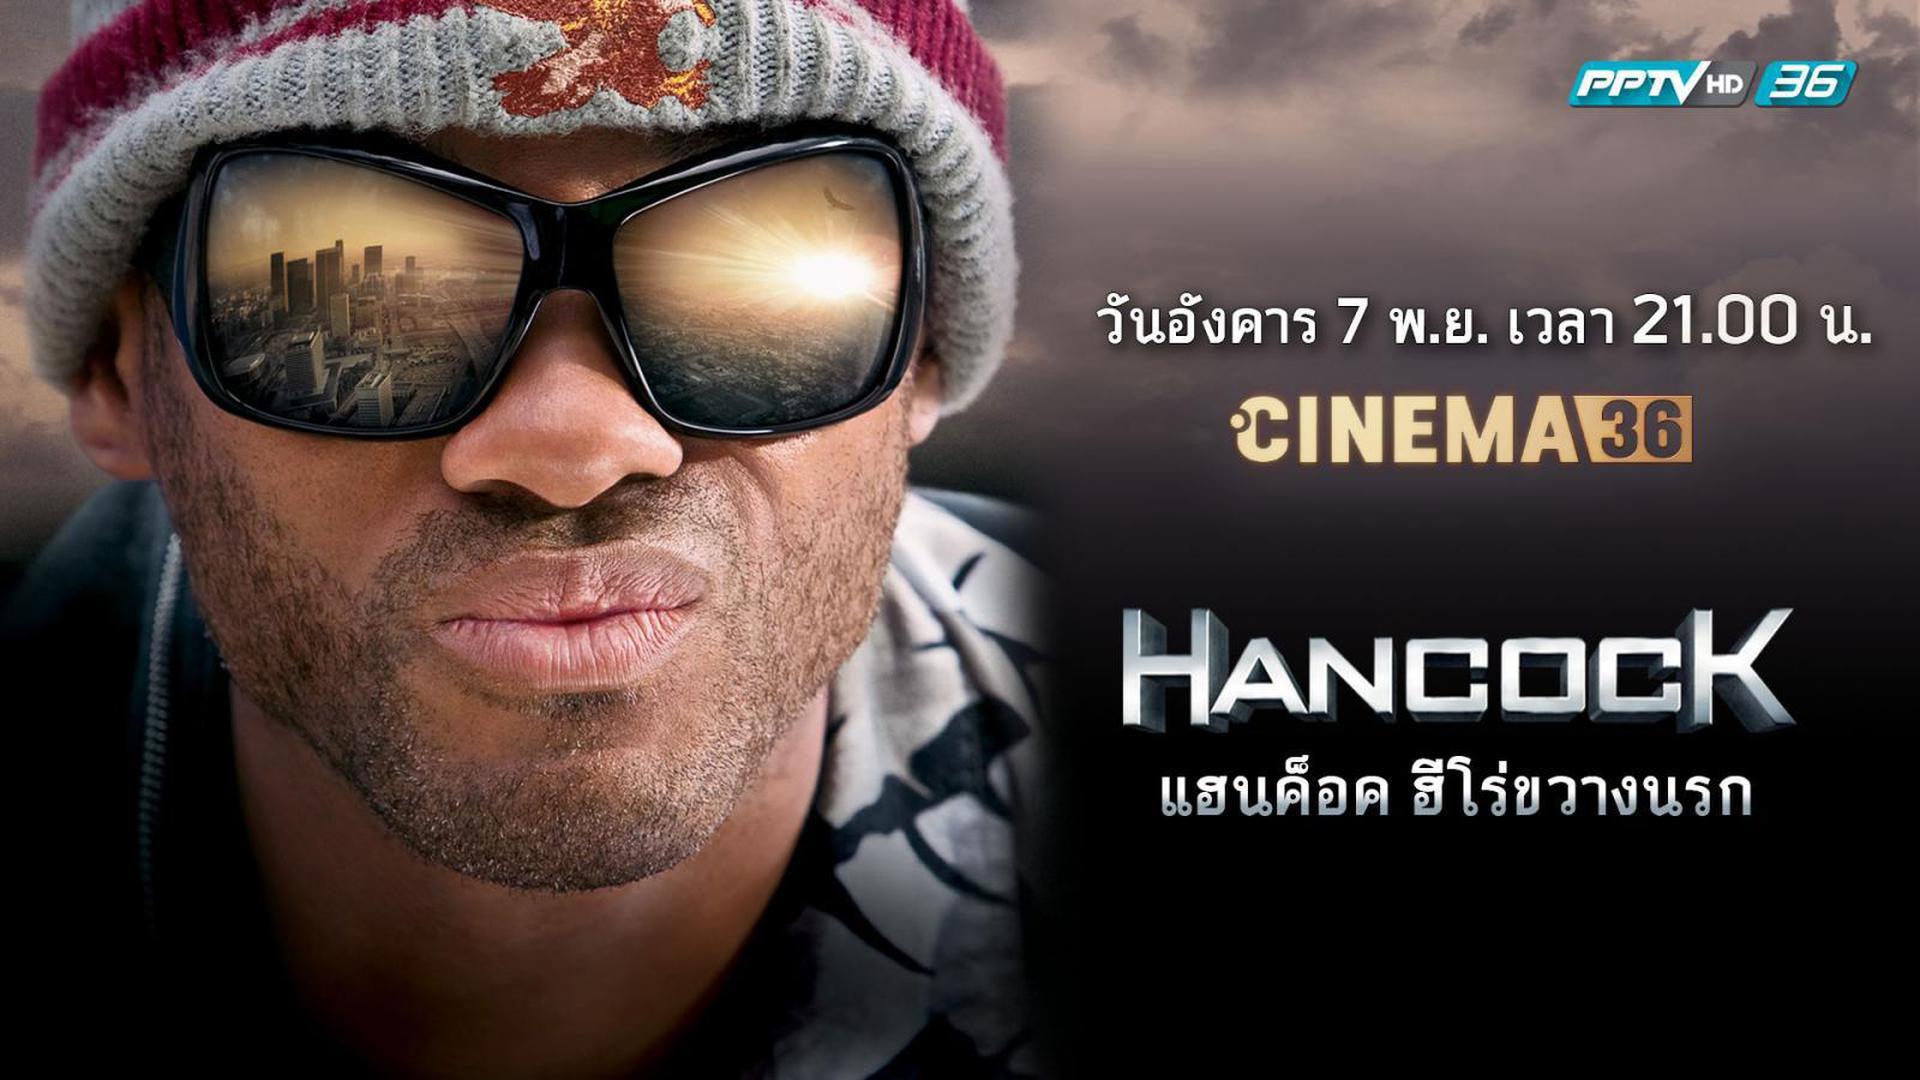 Hancock แฮนค็อค ฮีโร่ขวางนรก